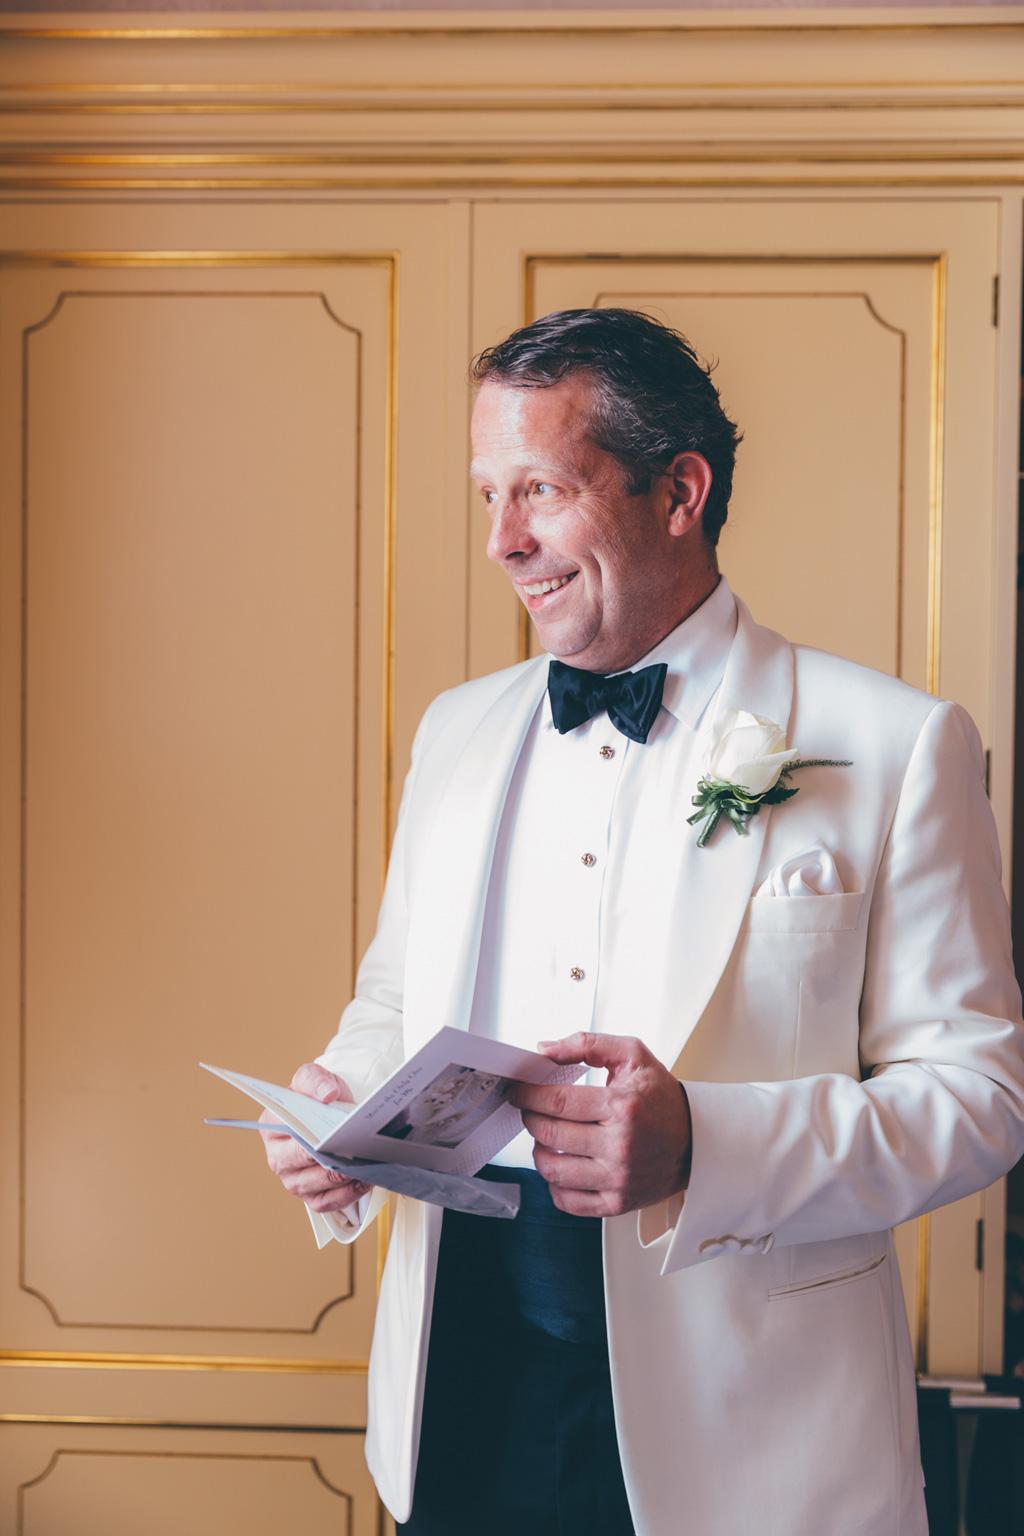 Il sorriso euforico dello sposo William fotografato da Della Savia, fotografo di Milano